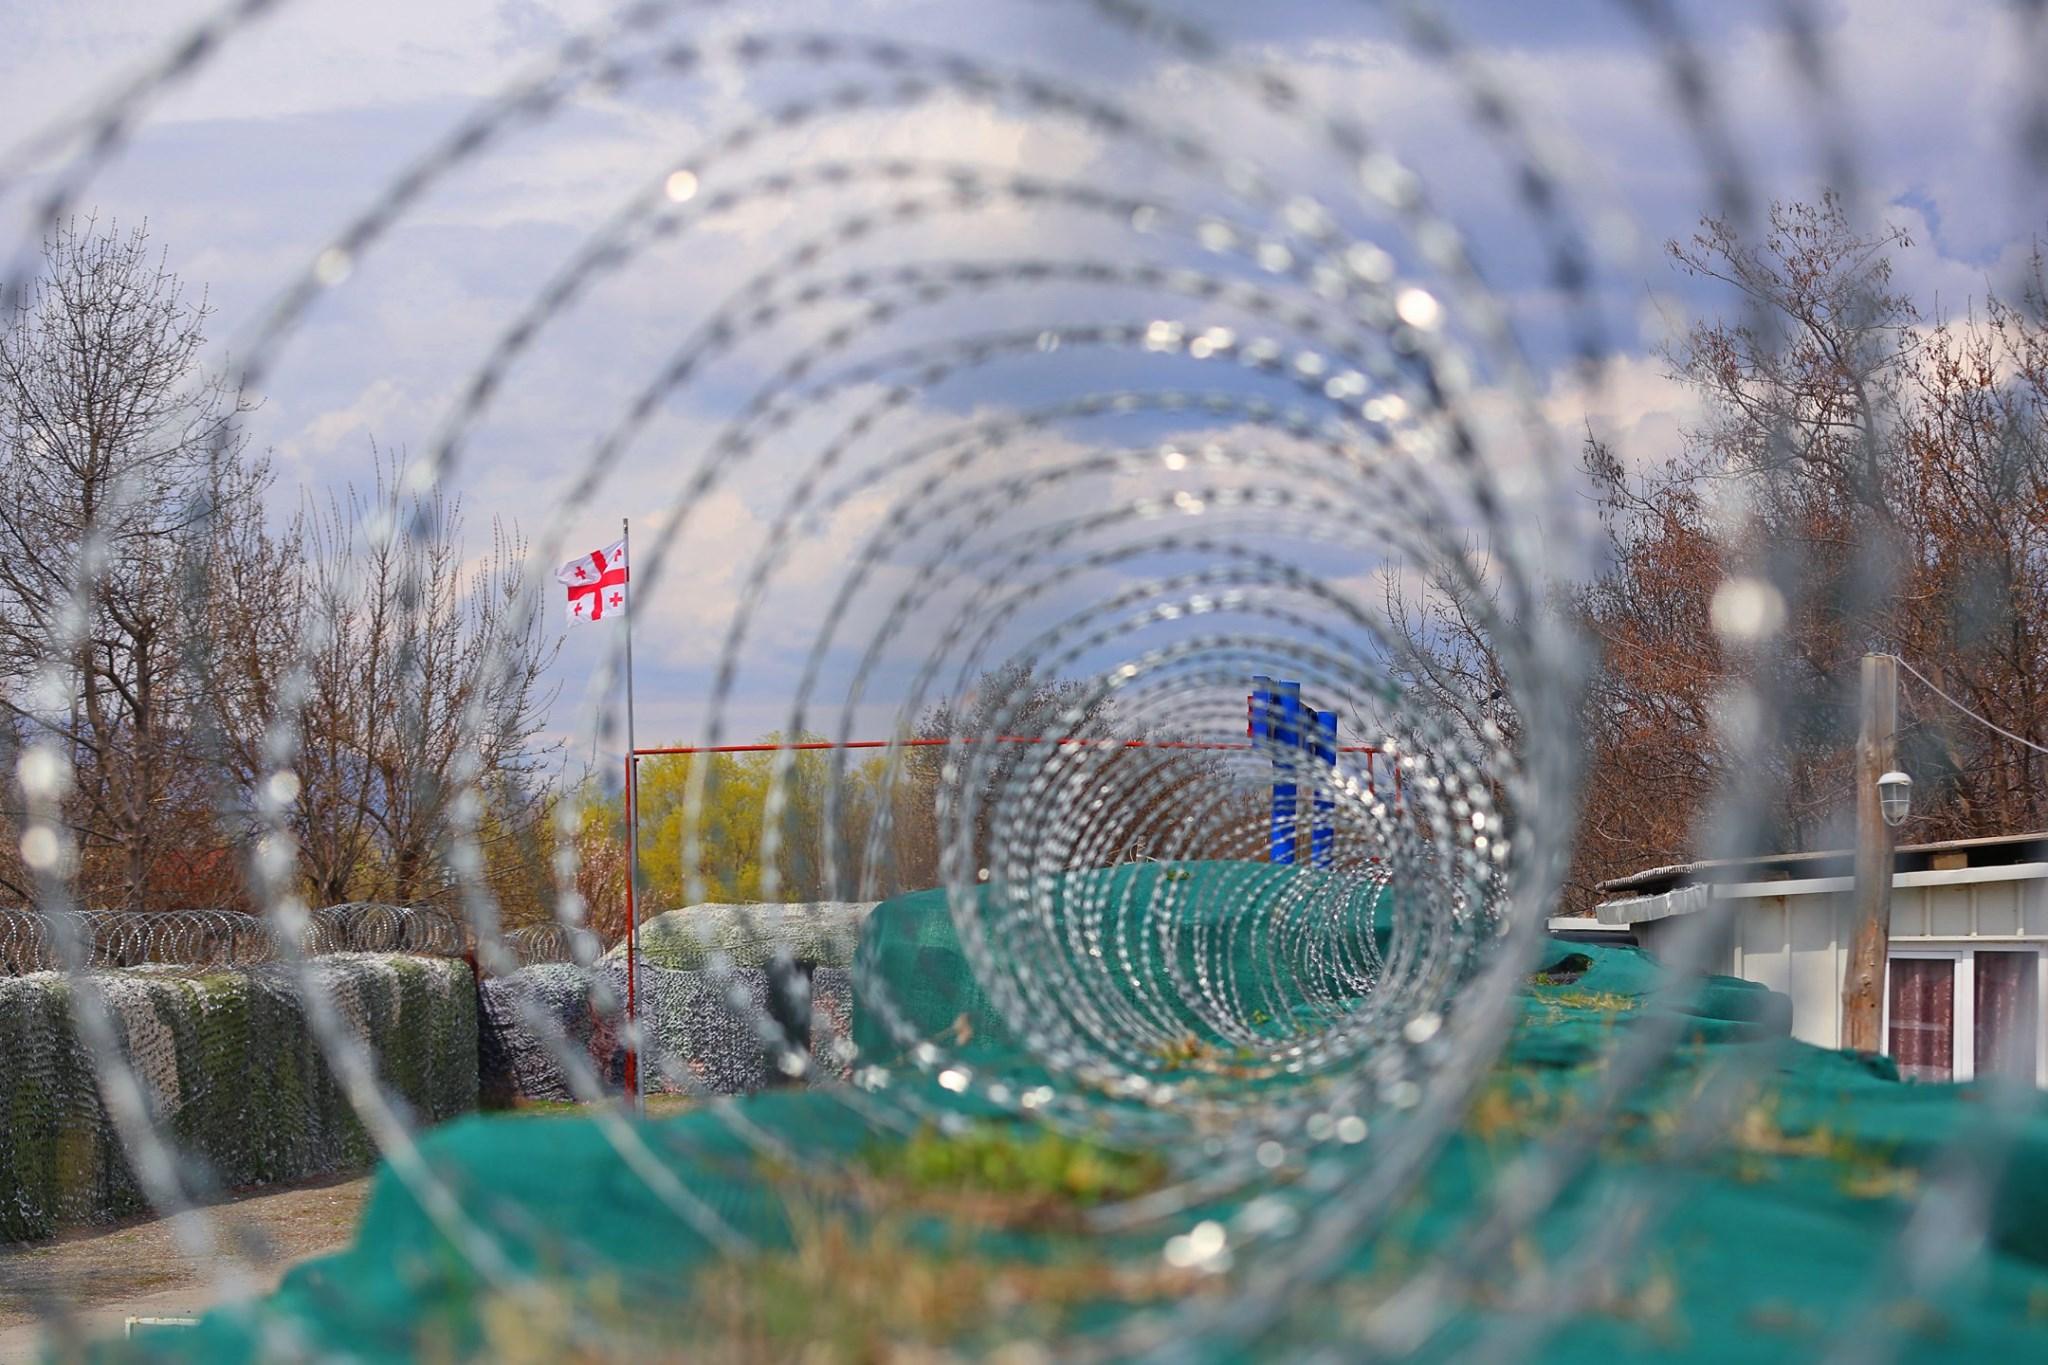 Border 11 #новости Грузия, оккупация, Южная Осетия. Цхинвальский регион